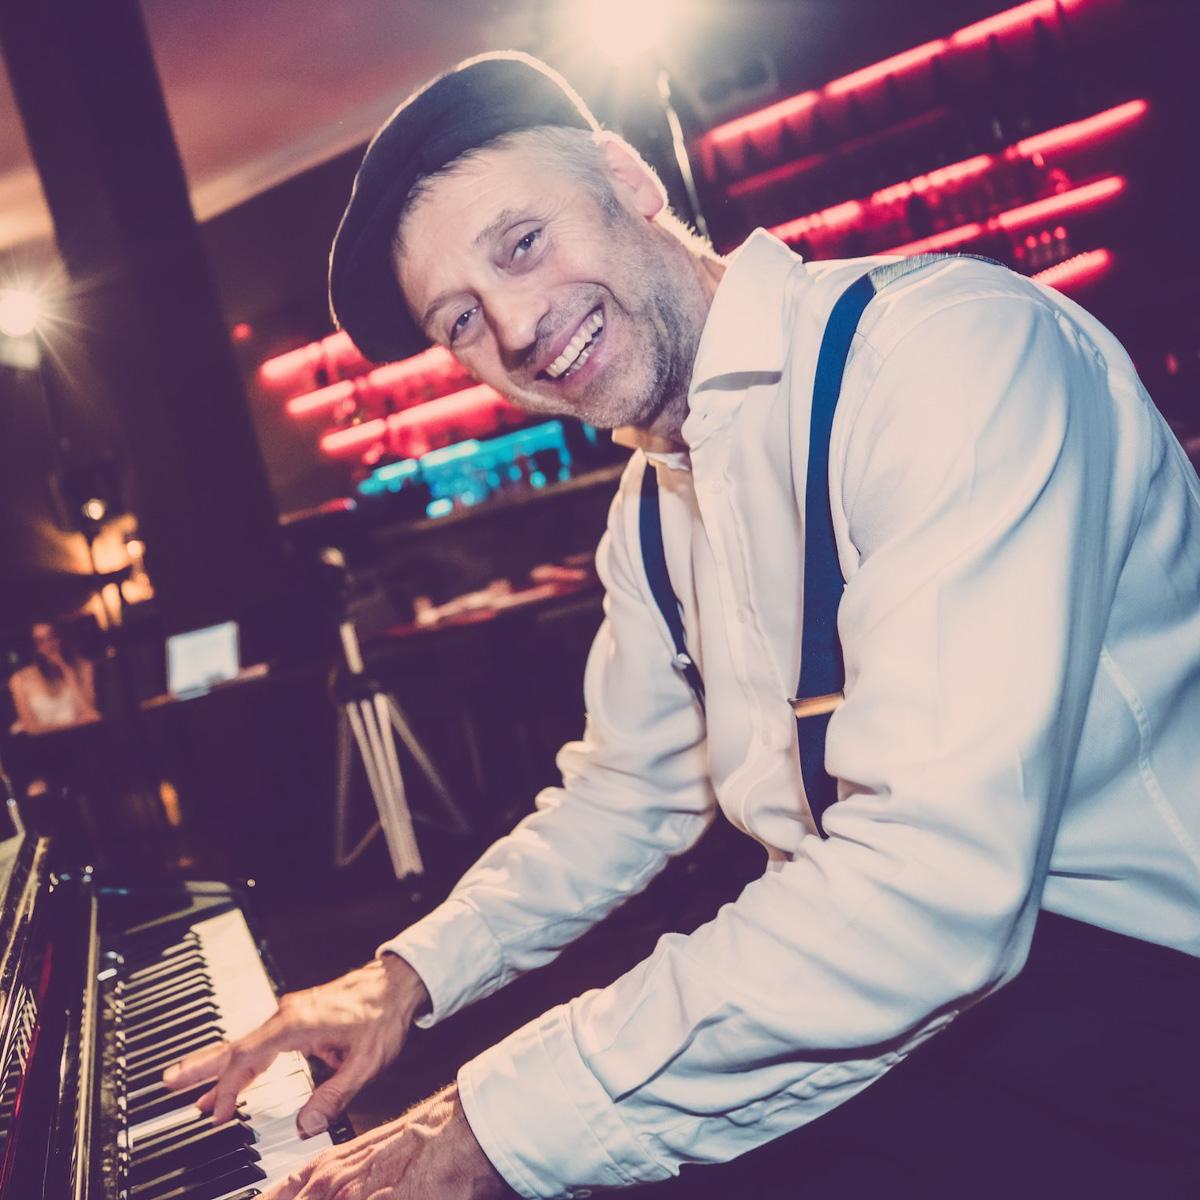 Pianist |Klavierspieler |Piano |Hannover |Buchen |Mieten |Anfragen |Firmenfeier |Gala |Charity |Empfang |Lehmann |Eventservice